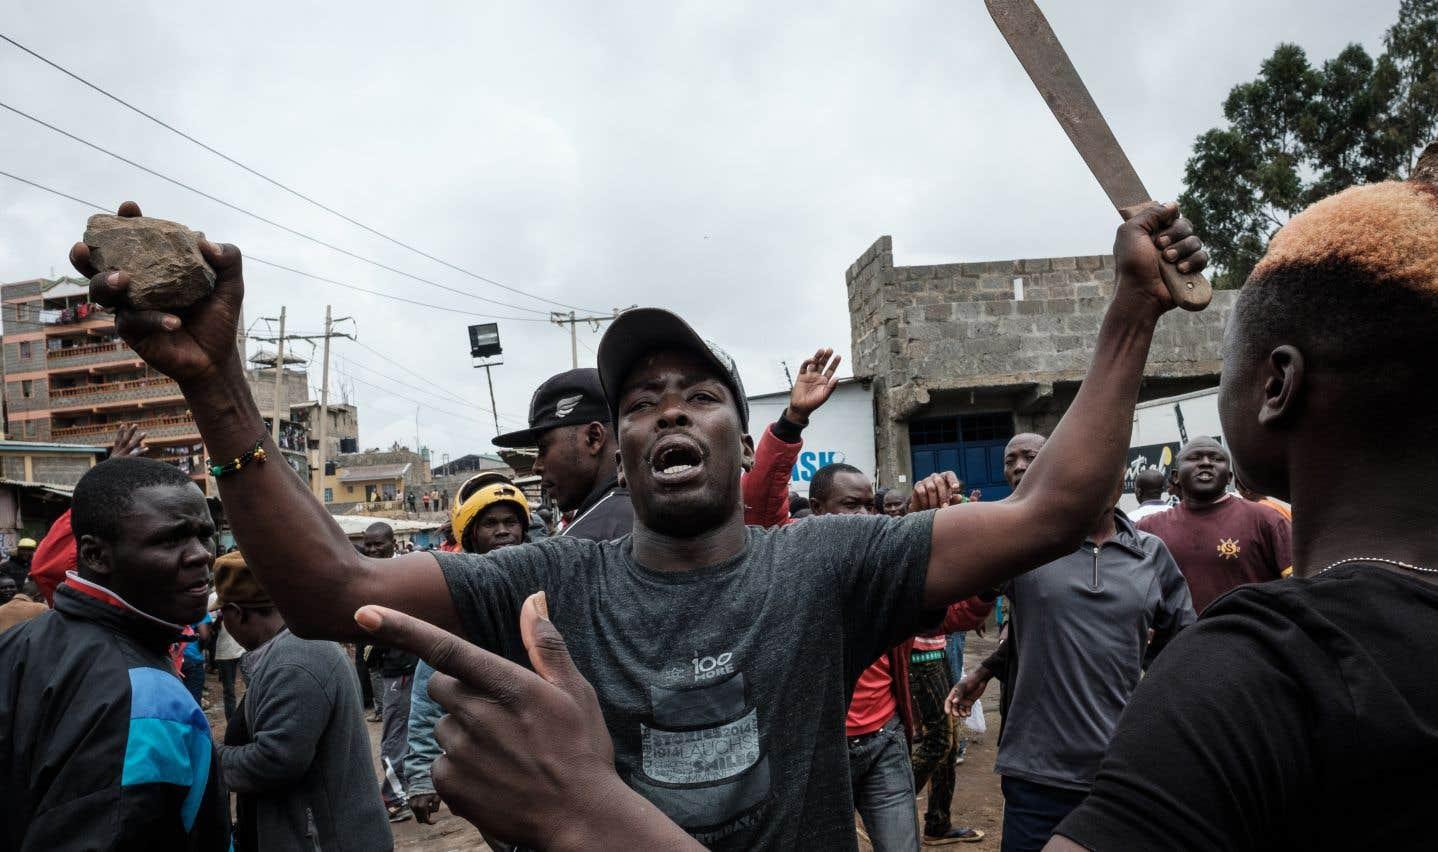 La tension au Kenya a grimpé en flèche depuis vendredi et des violences qui ont fait trois morts par balles parmi des manifestants de l'opposition.